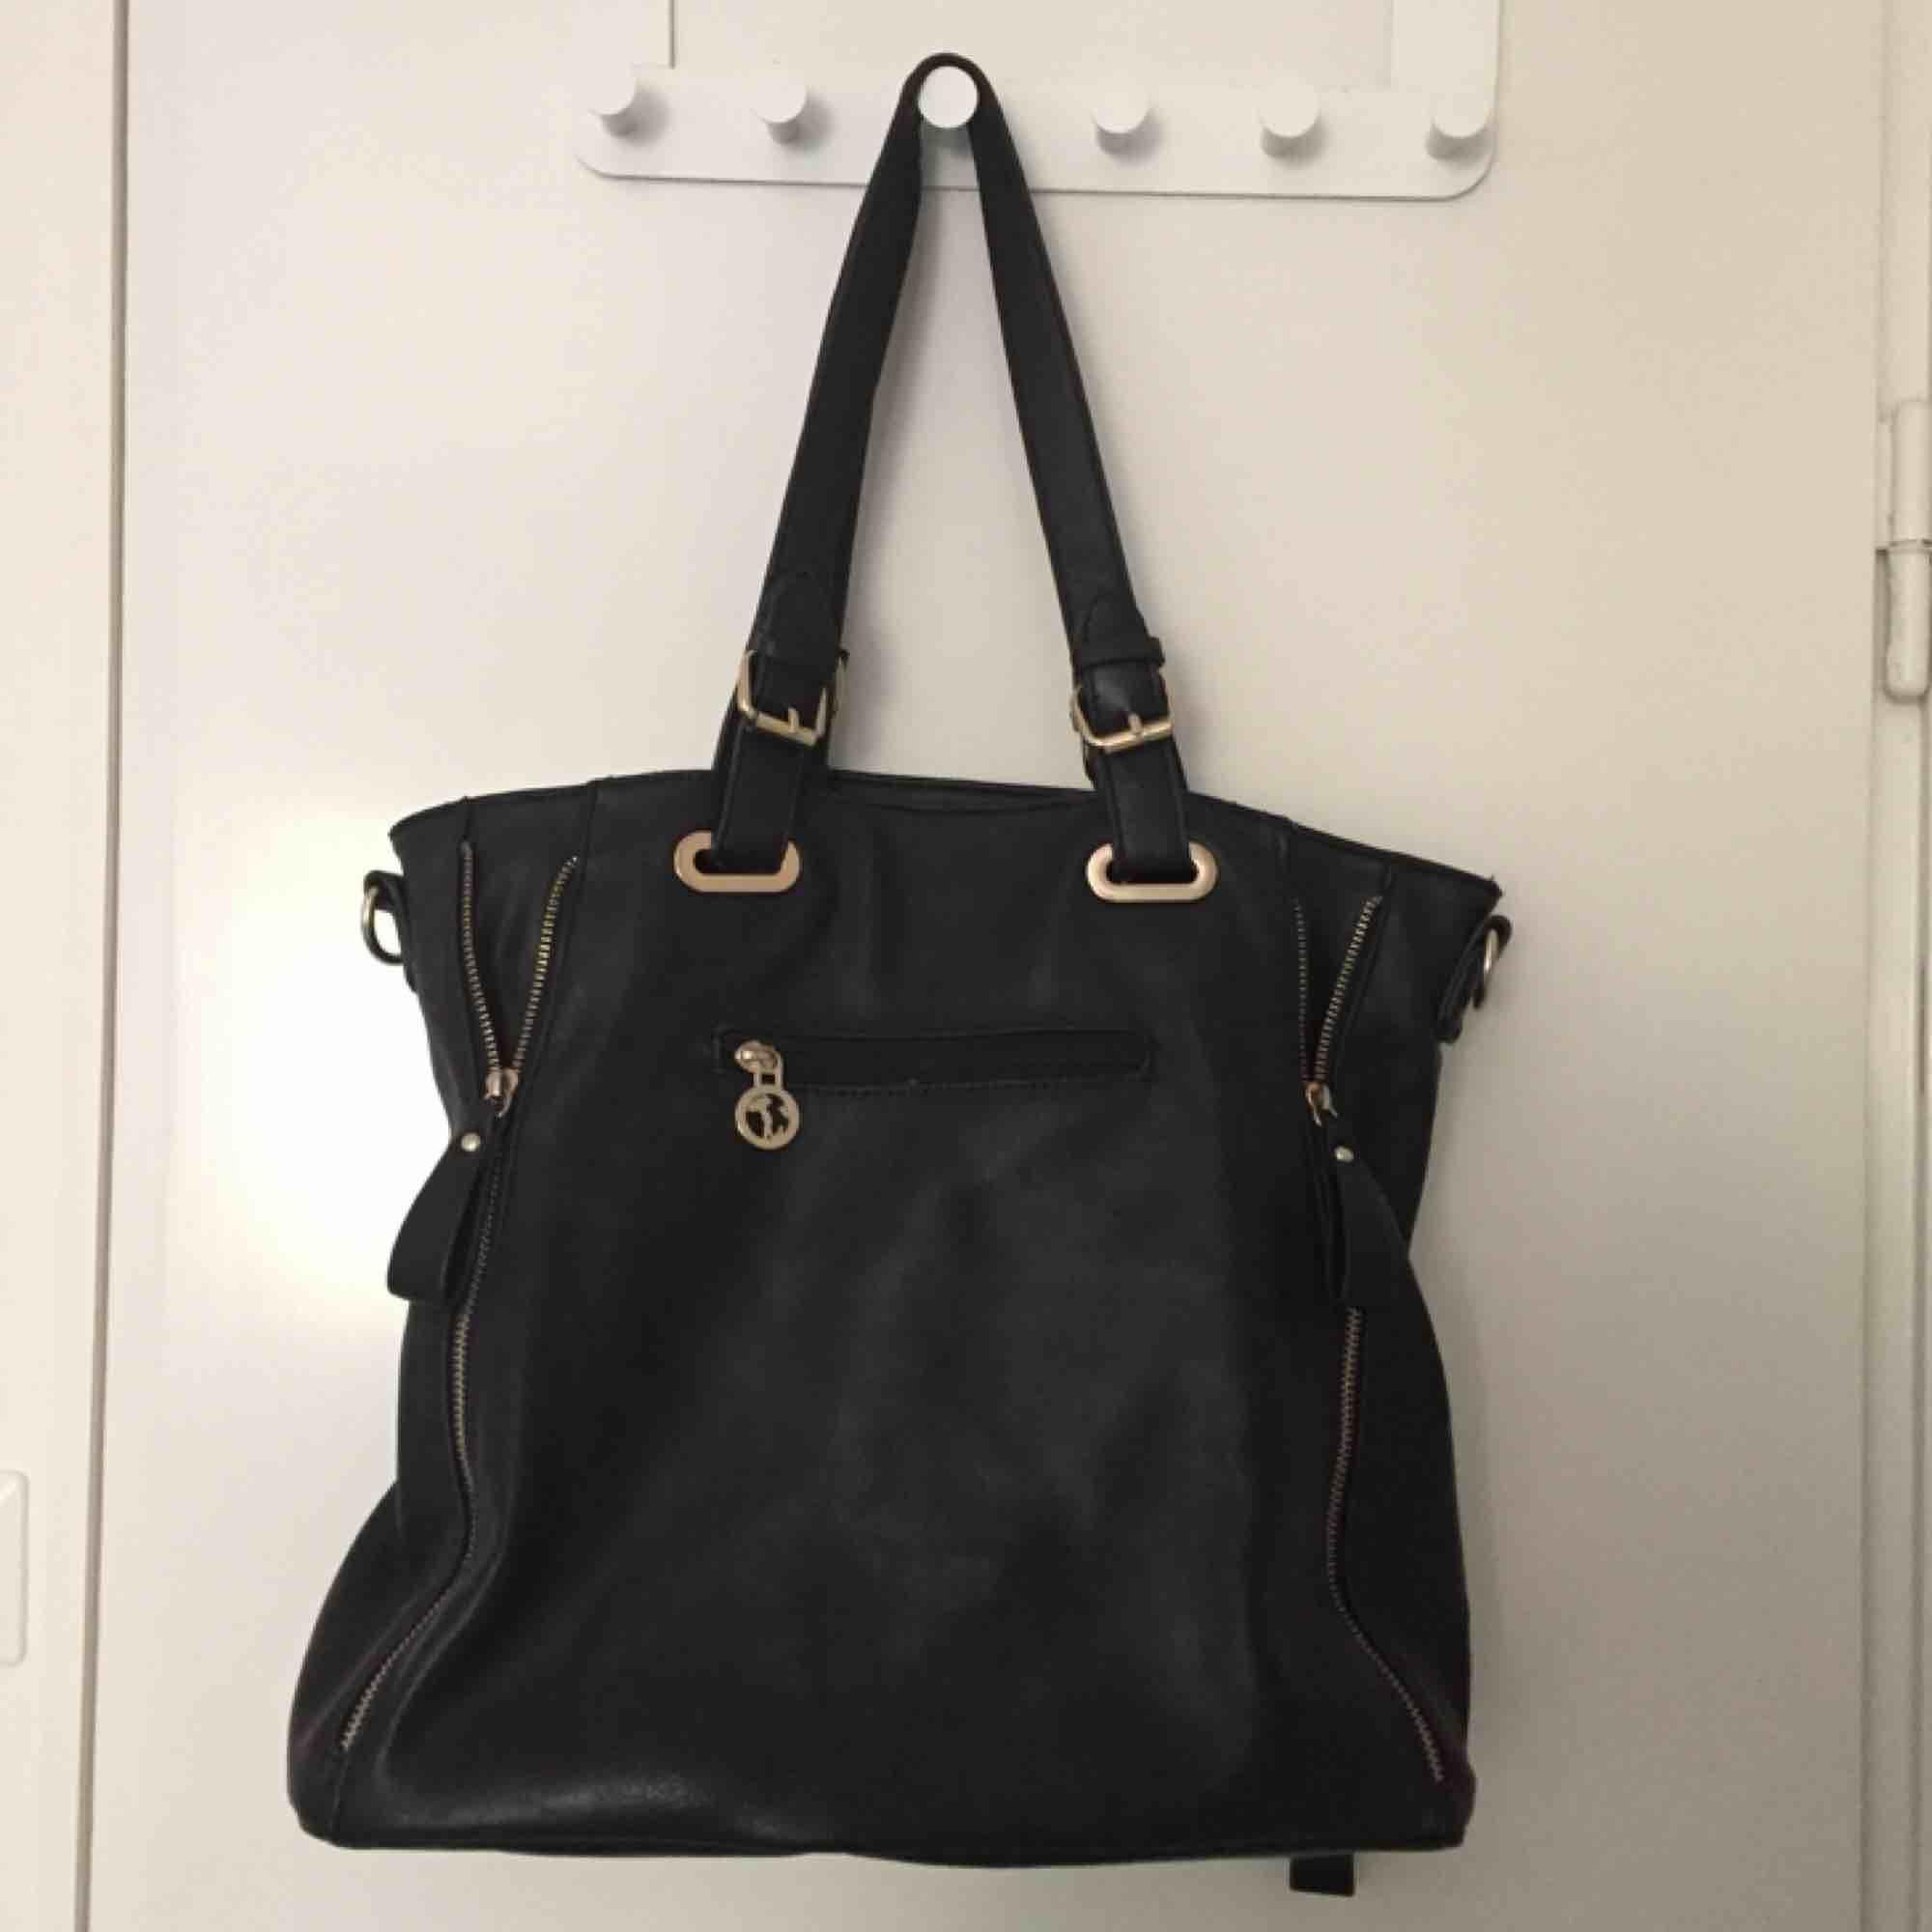 Handväska med detaljer. Mått ca 35x40cm. Väskor.